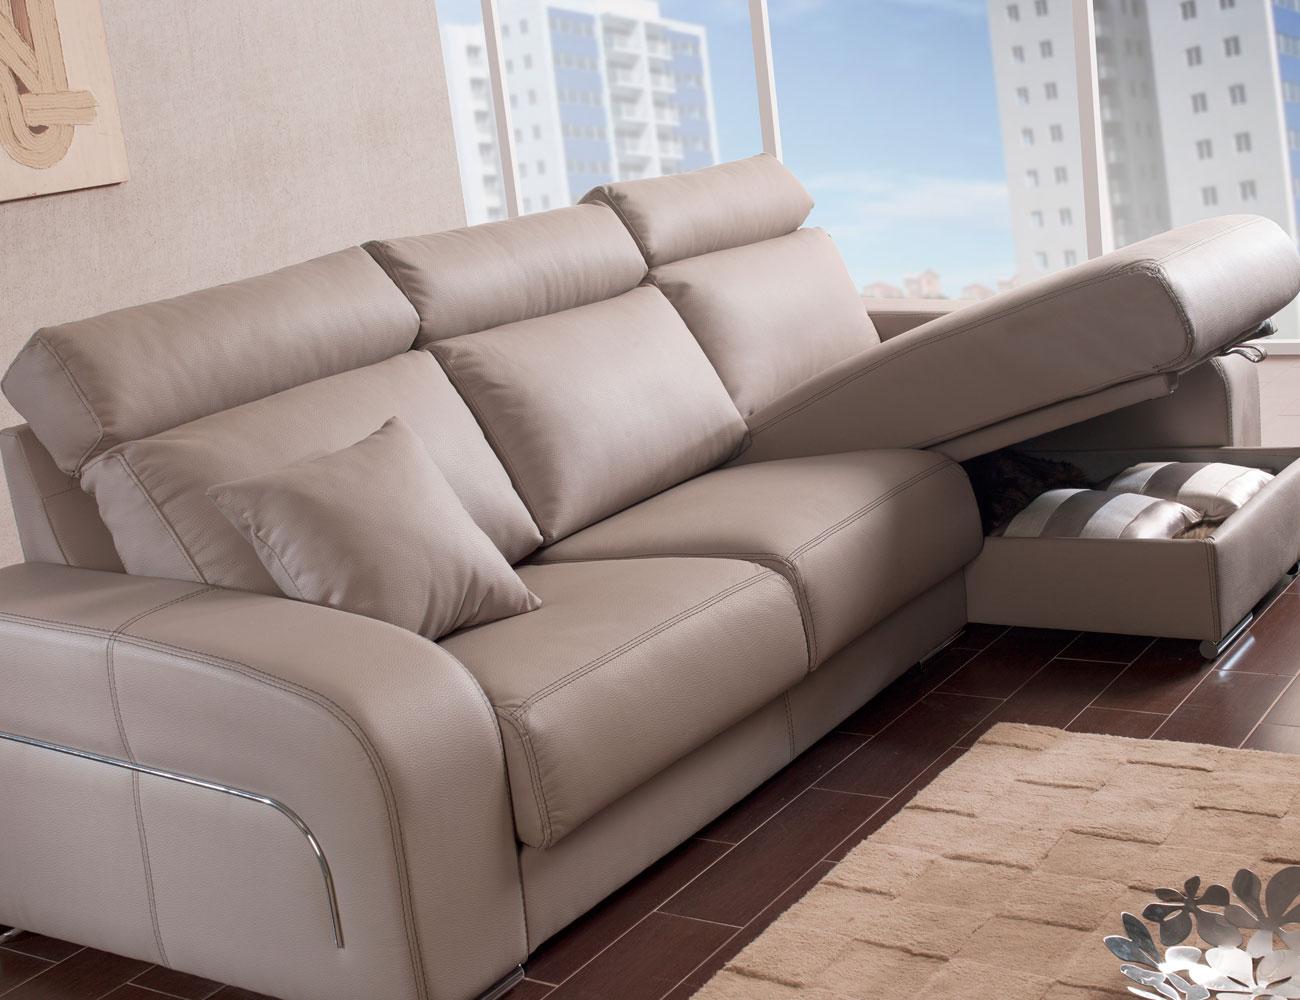 Sofa chaiselongue moderno pared cero arcon59